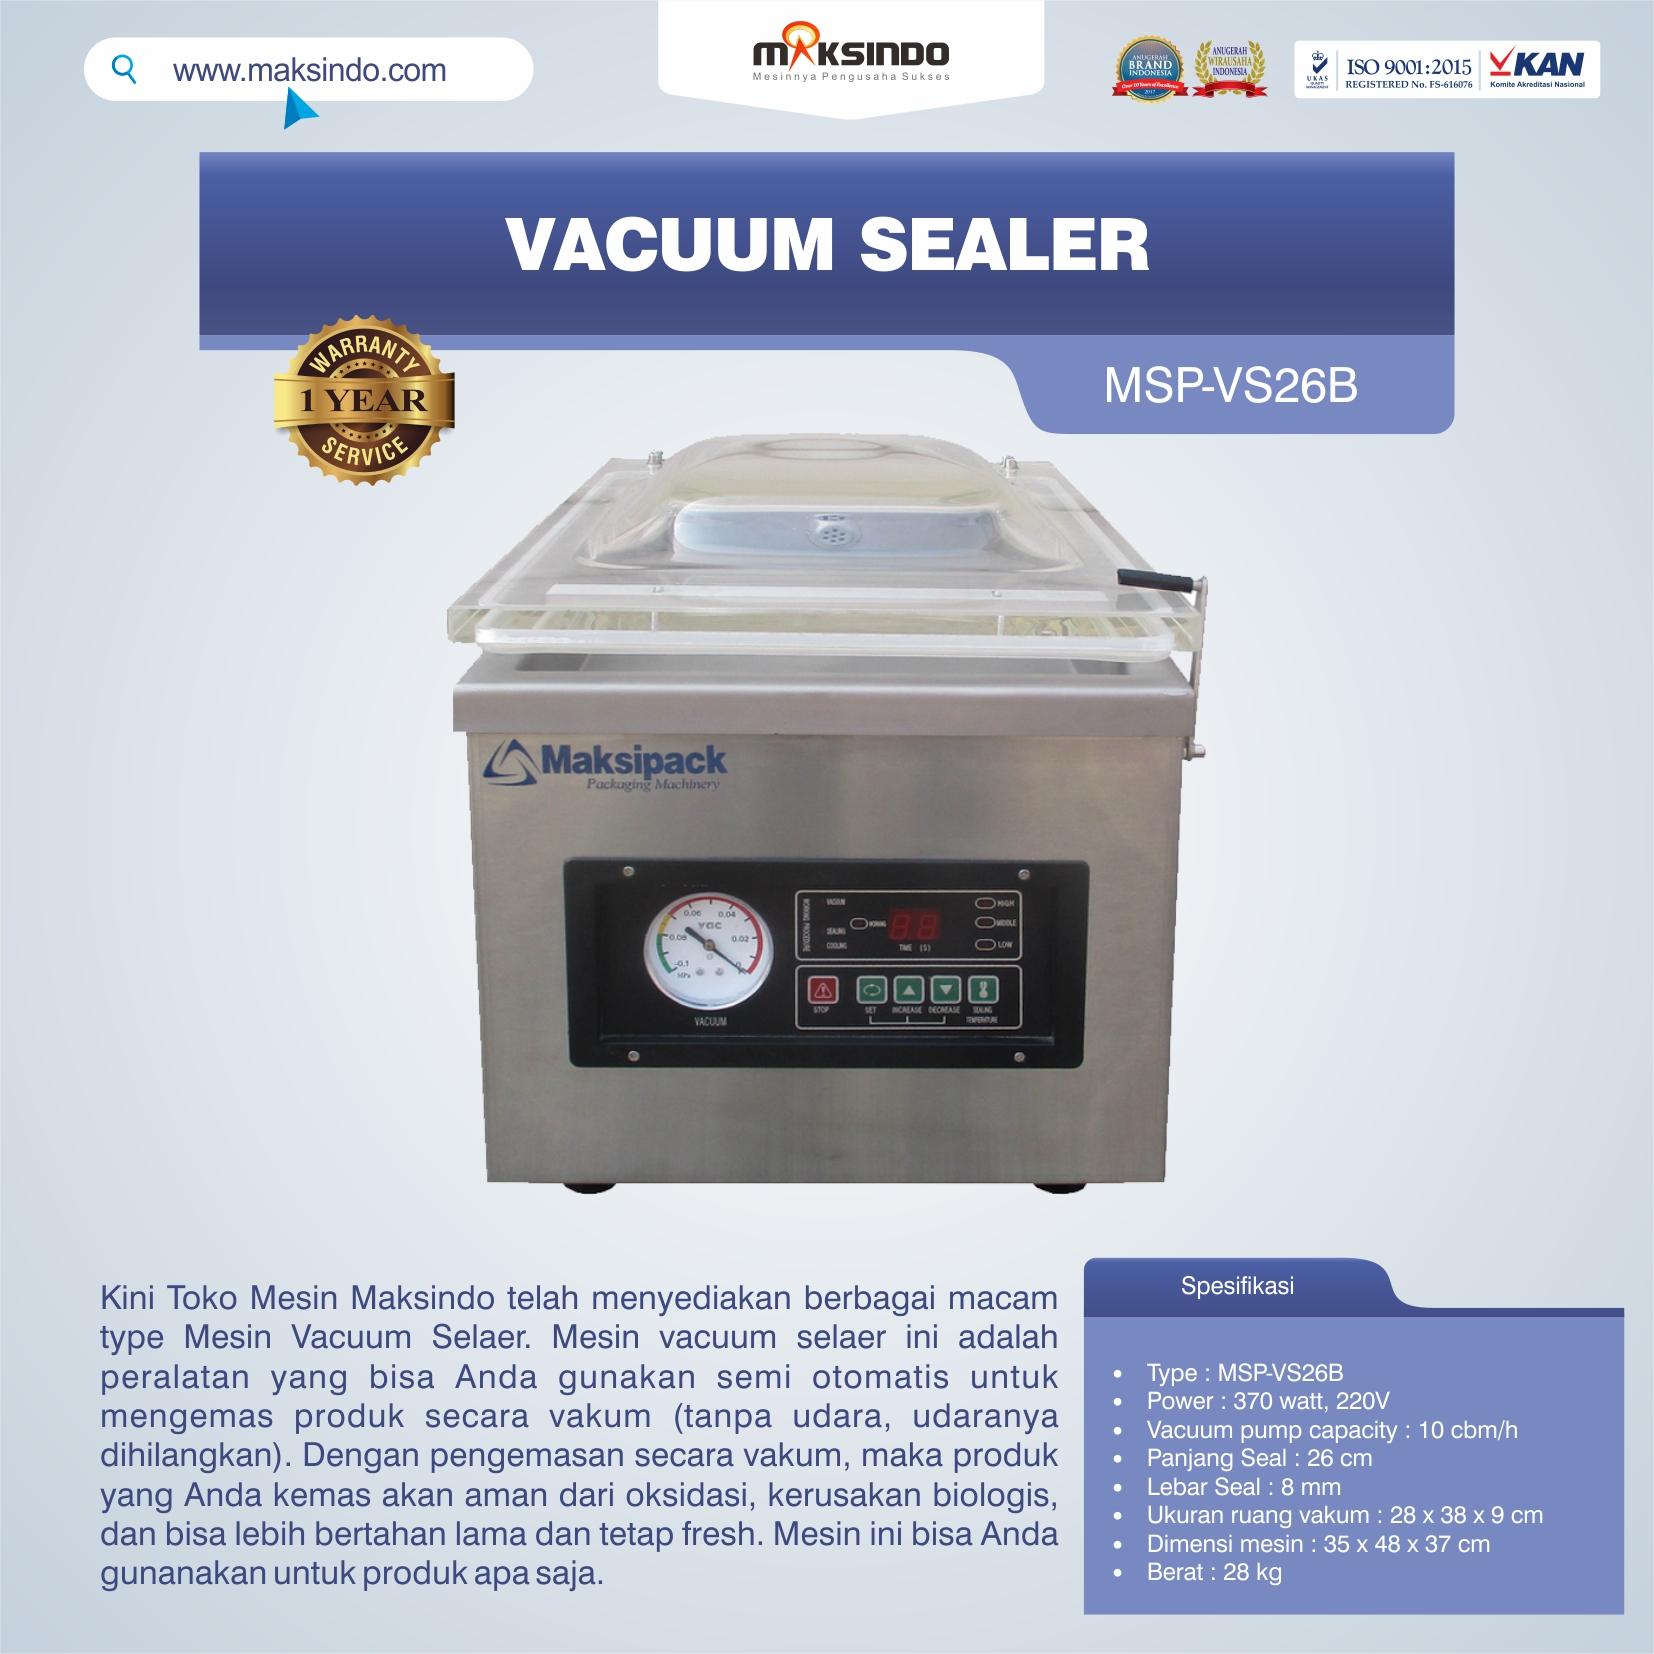 Vacuum Sealer MSP-VS26B